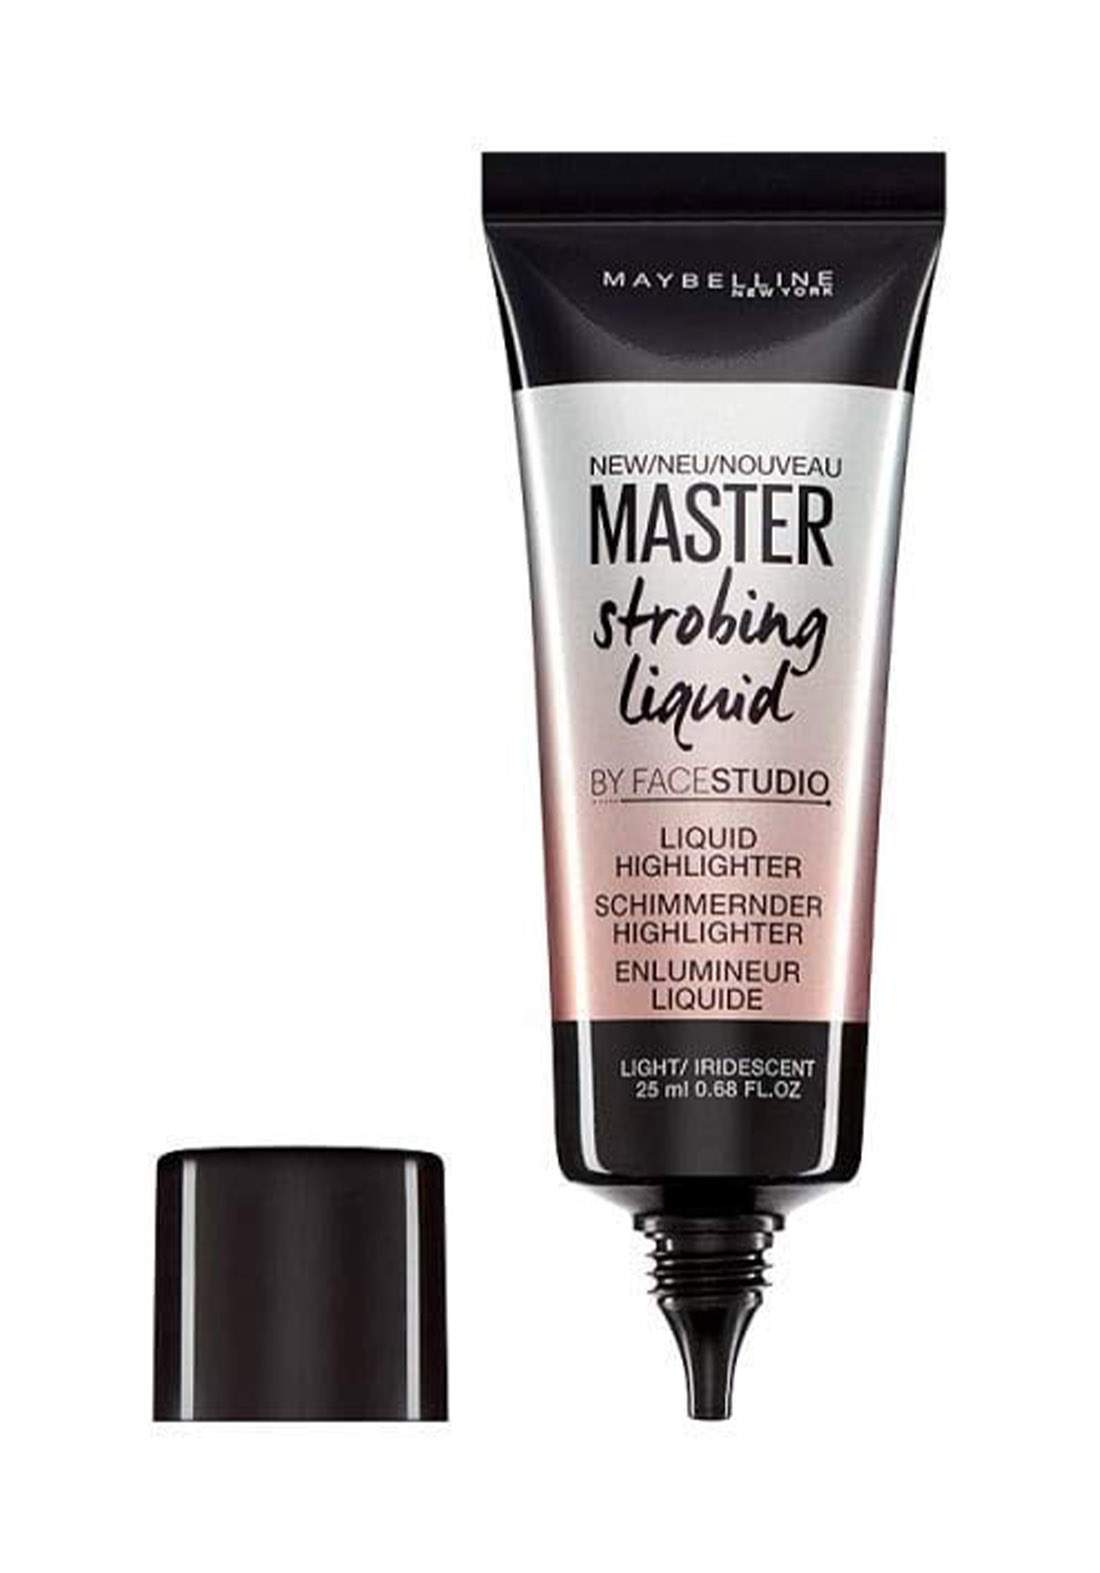 (022-0692) Maybelline Master Strobing Liquid Illuminating Highlighter 100 Light Iridescent 25ml هايلايتر